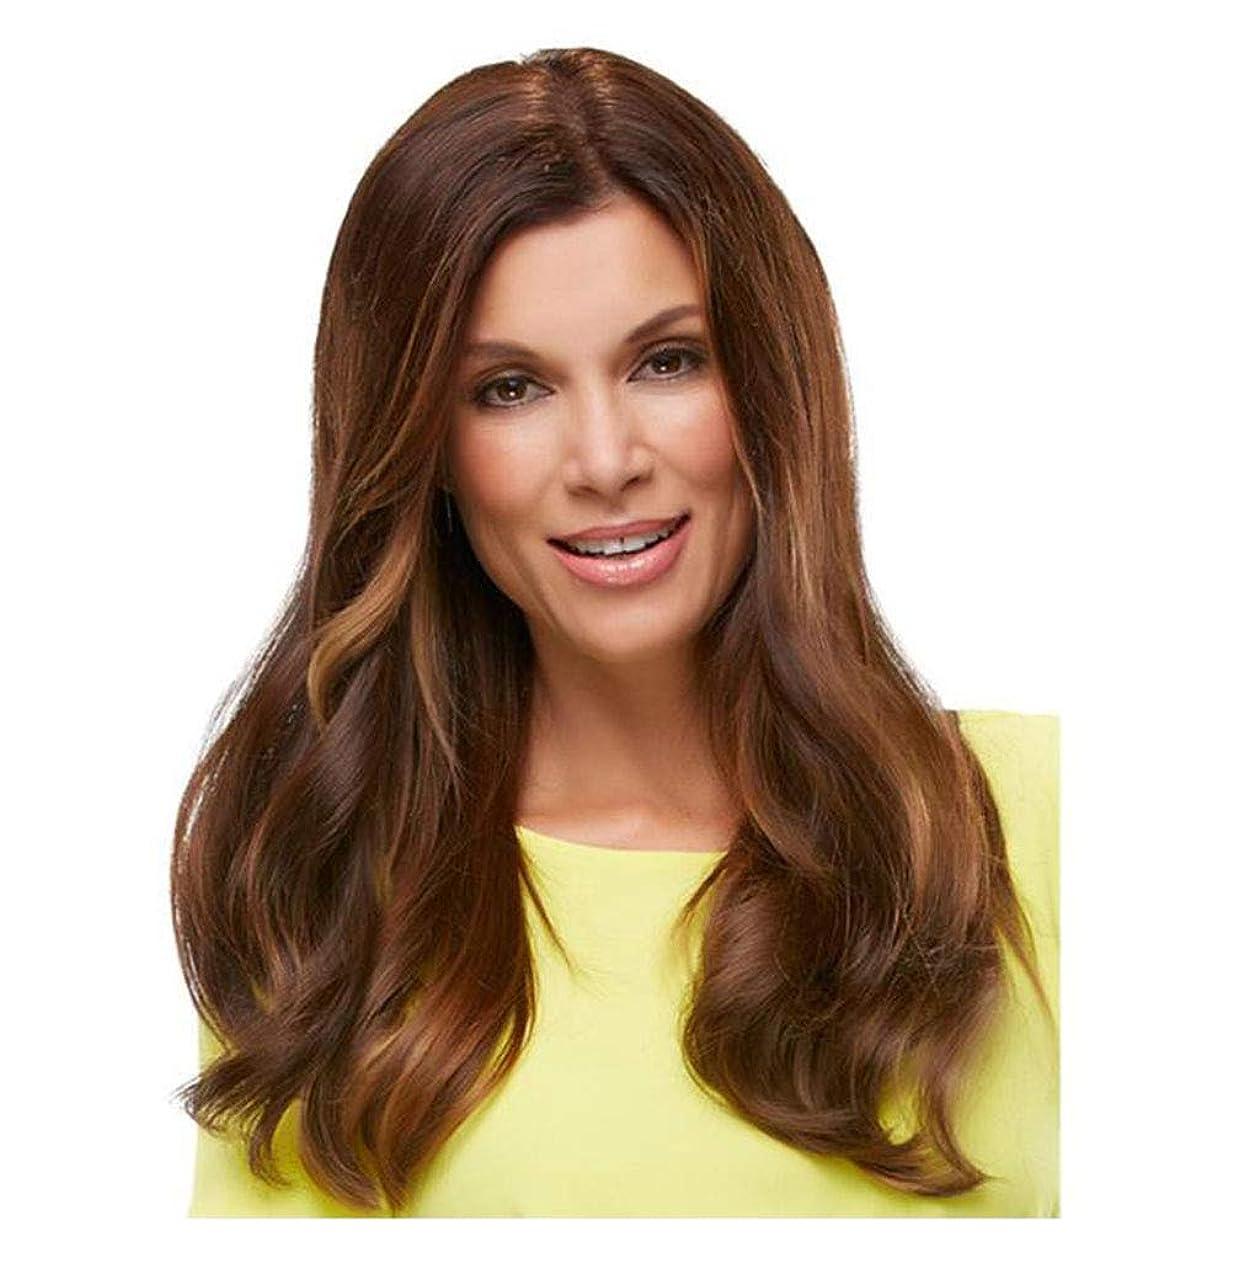 ソーダ水賢いバランスのとれたかつら長い巻き毛のような 女性のための耐熱性 - 日常的な摩耗やコスチュームウィッグのための自然な探している完全な頭髪の交換